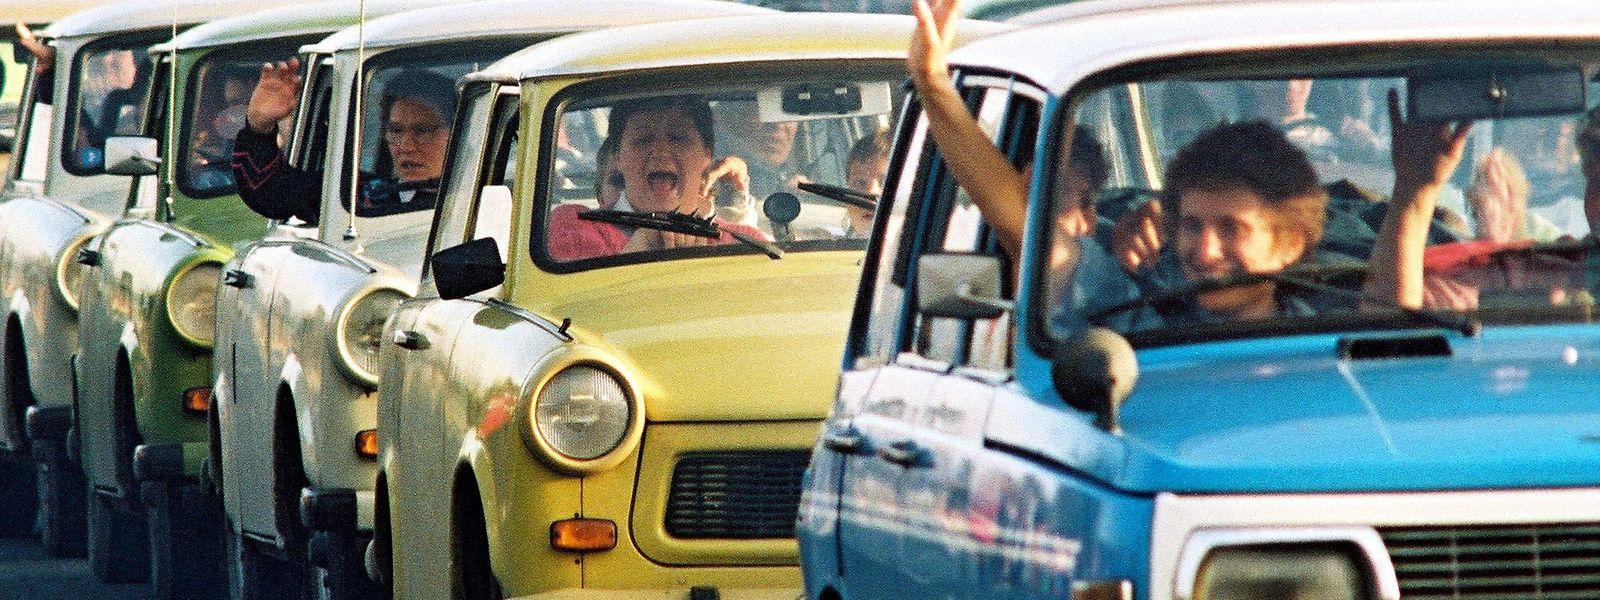 Im Osten Deutschlands sind die DDR-Zeiten längst vorbei. Doch die Honeckers haben Roberto Yañez' Leben noch in Chile geprägt.